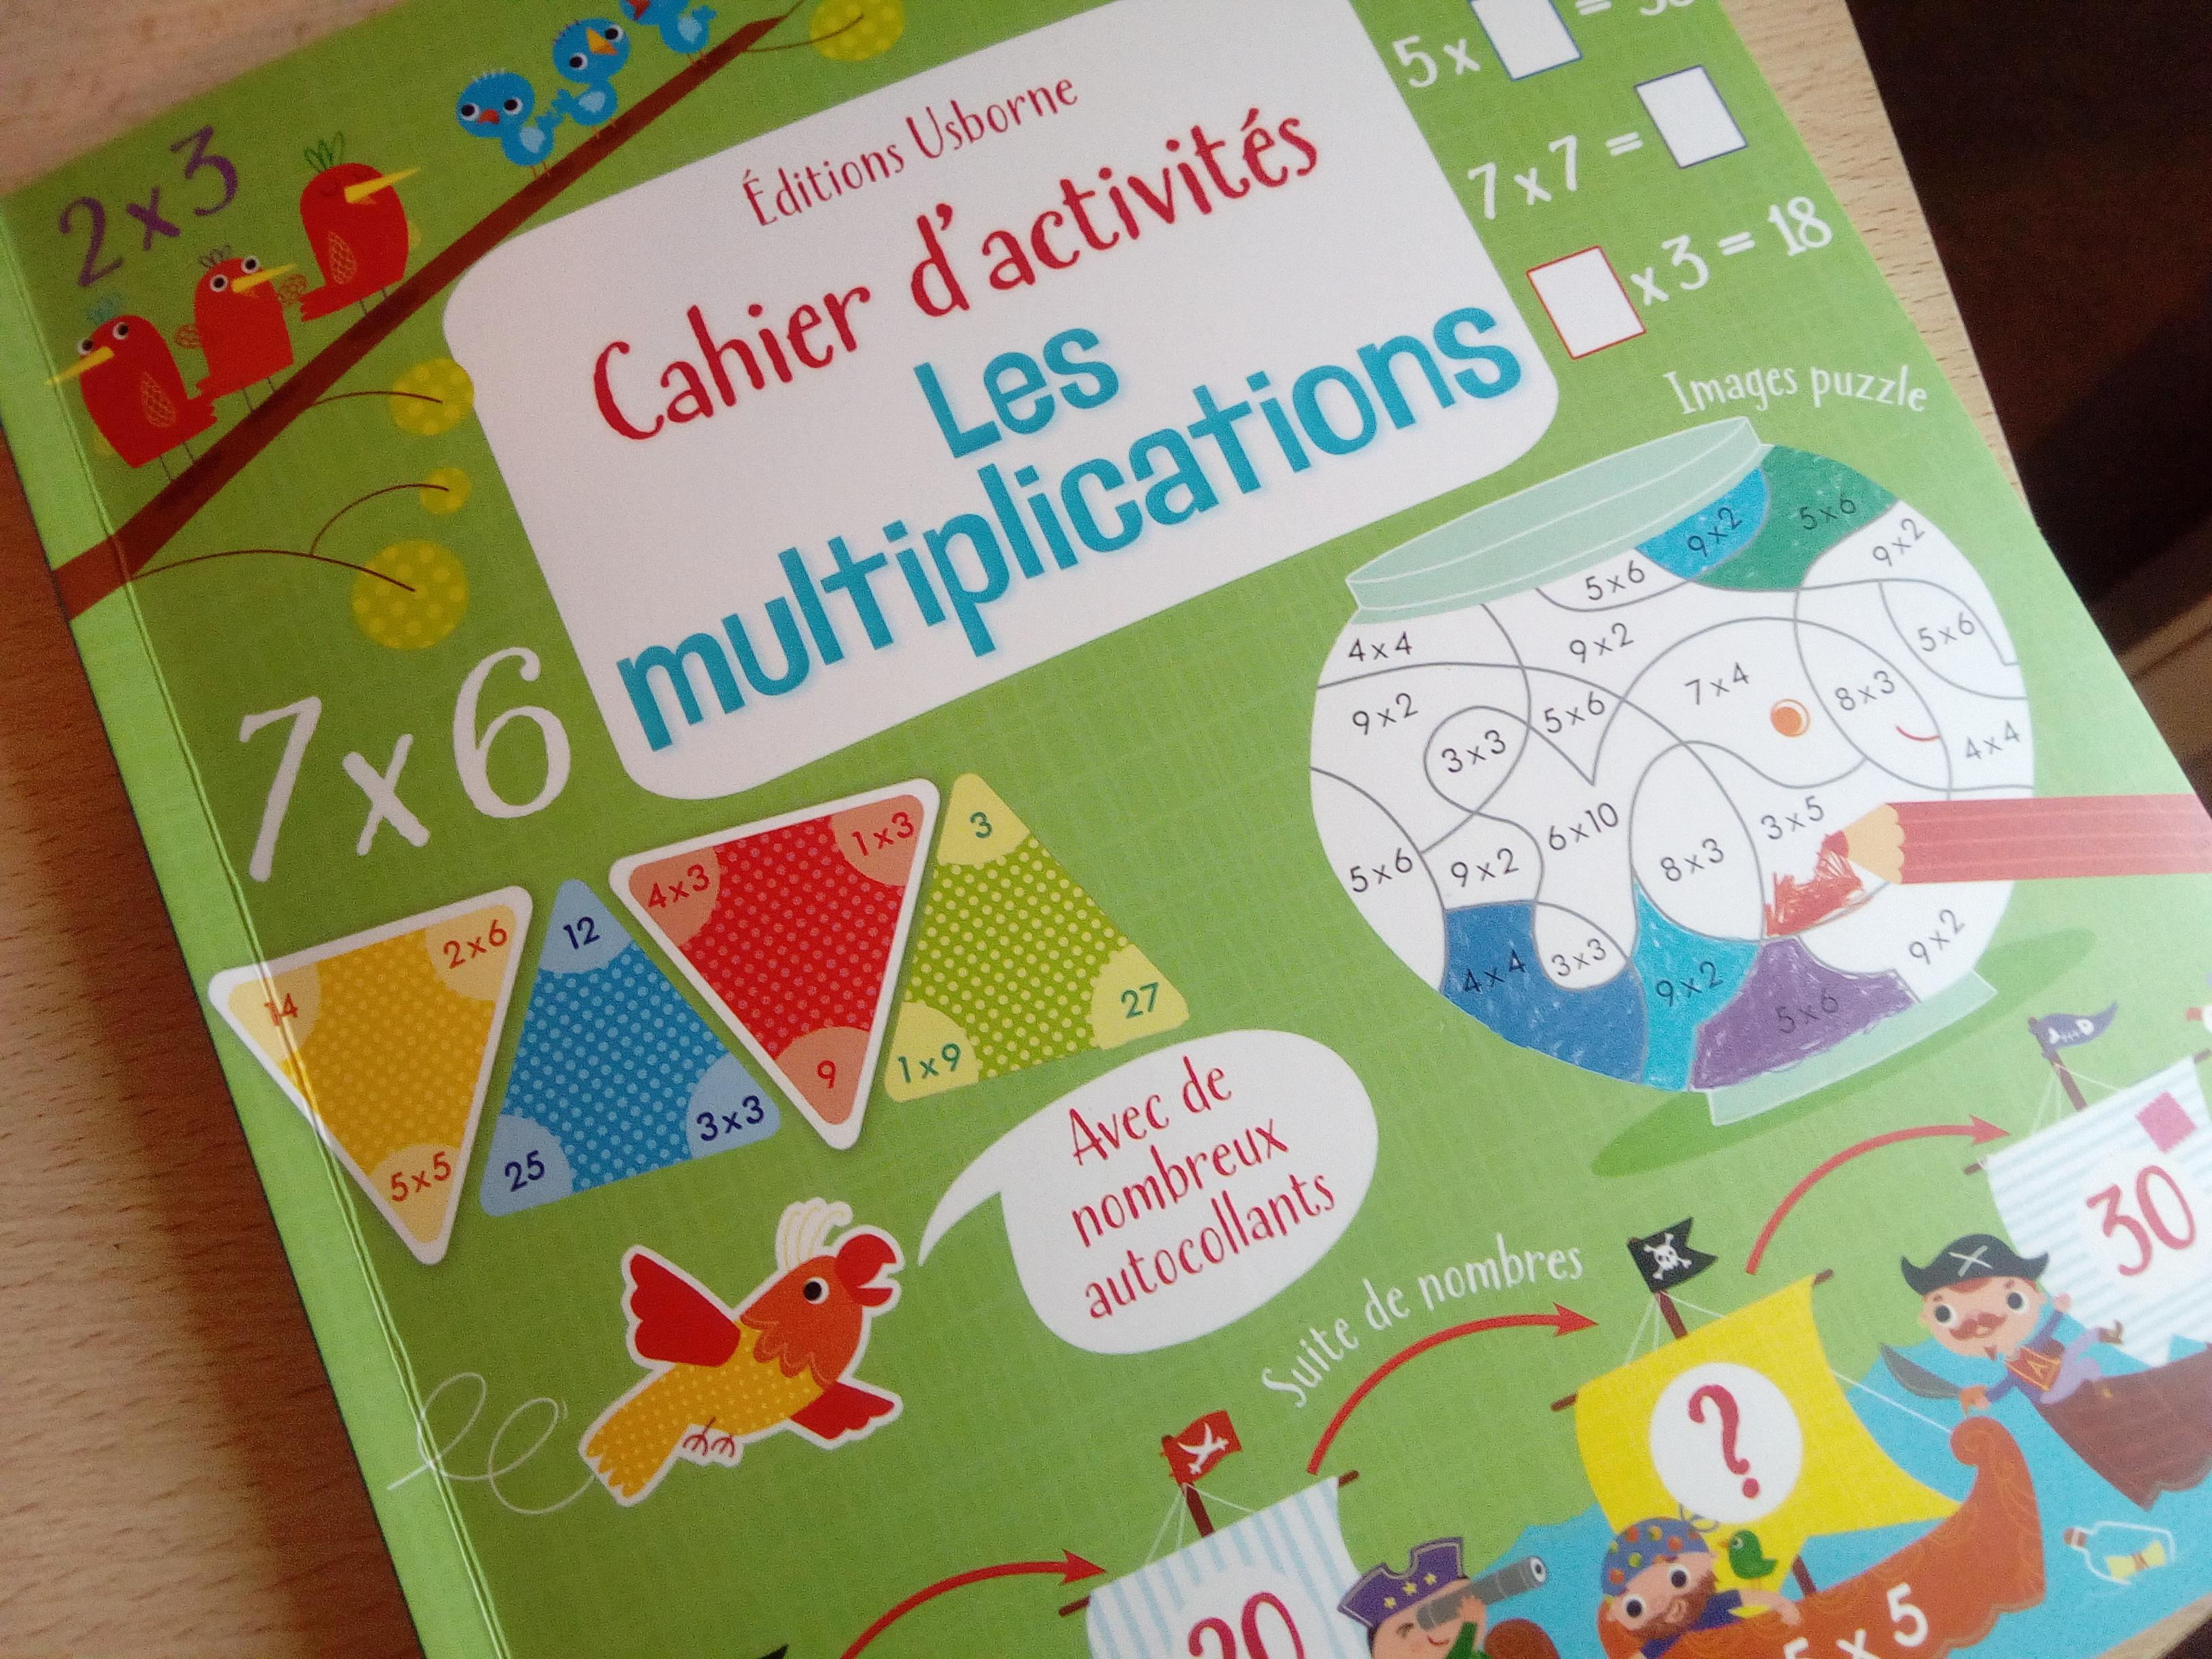 Cahier d 39 activit s les multiplications un cahier pour - Apprendre les tables de multiplications en s amusant ...